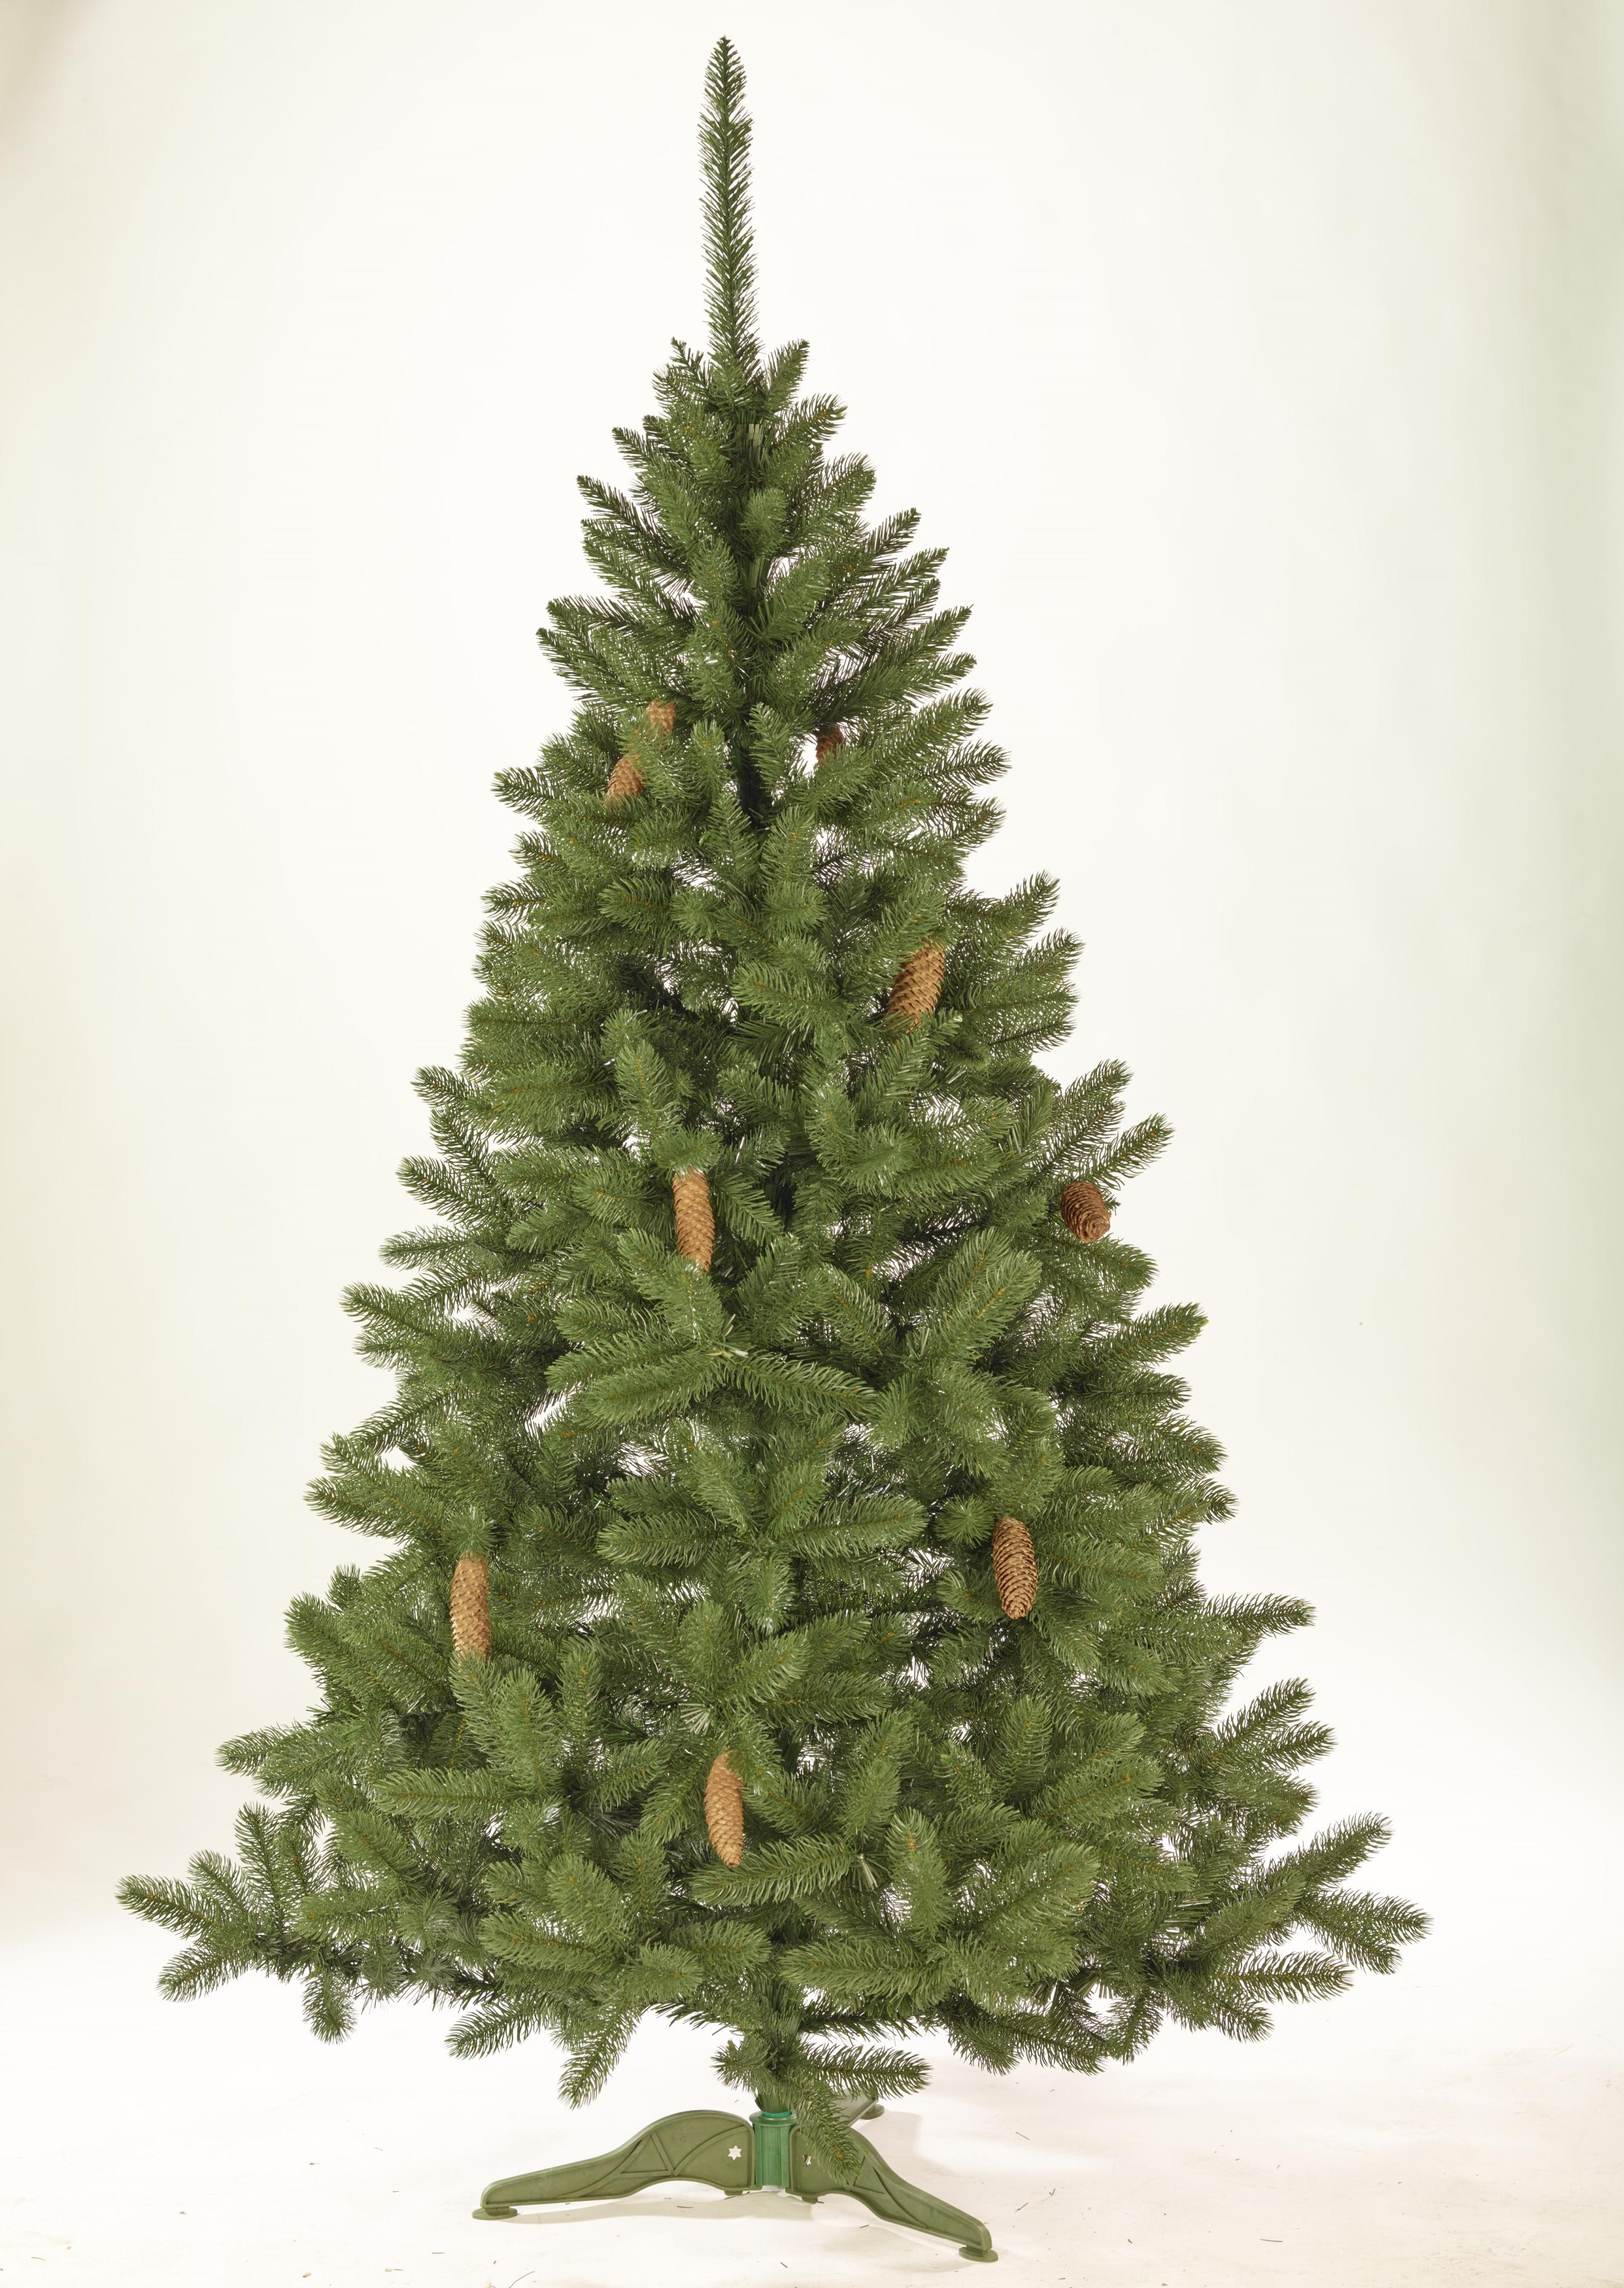 weihnachtsbaum tannenbaum fichte lux spritzguss 150 180 220 250 270 290cm ebay. Black Bedroom Furniture Sets. Home Design Ideas